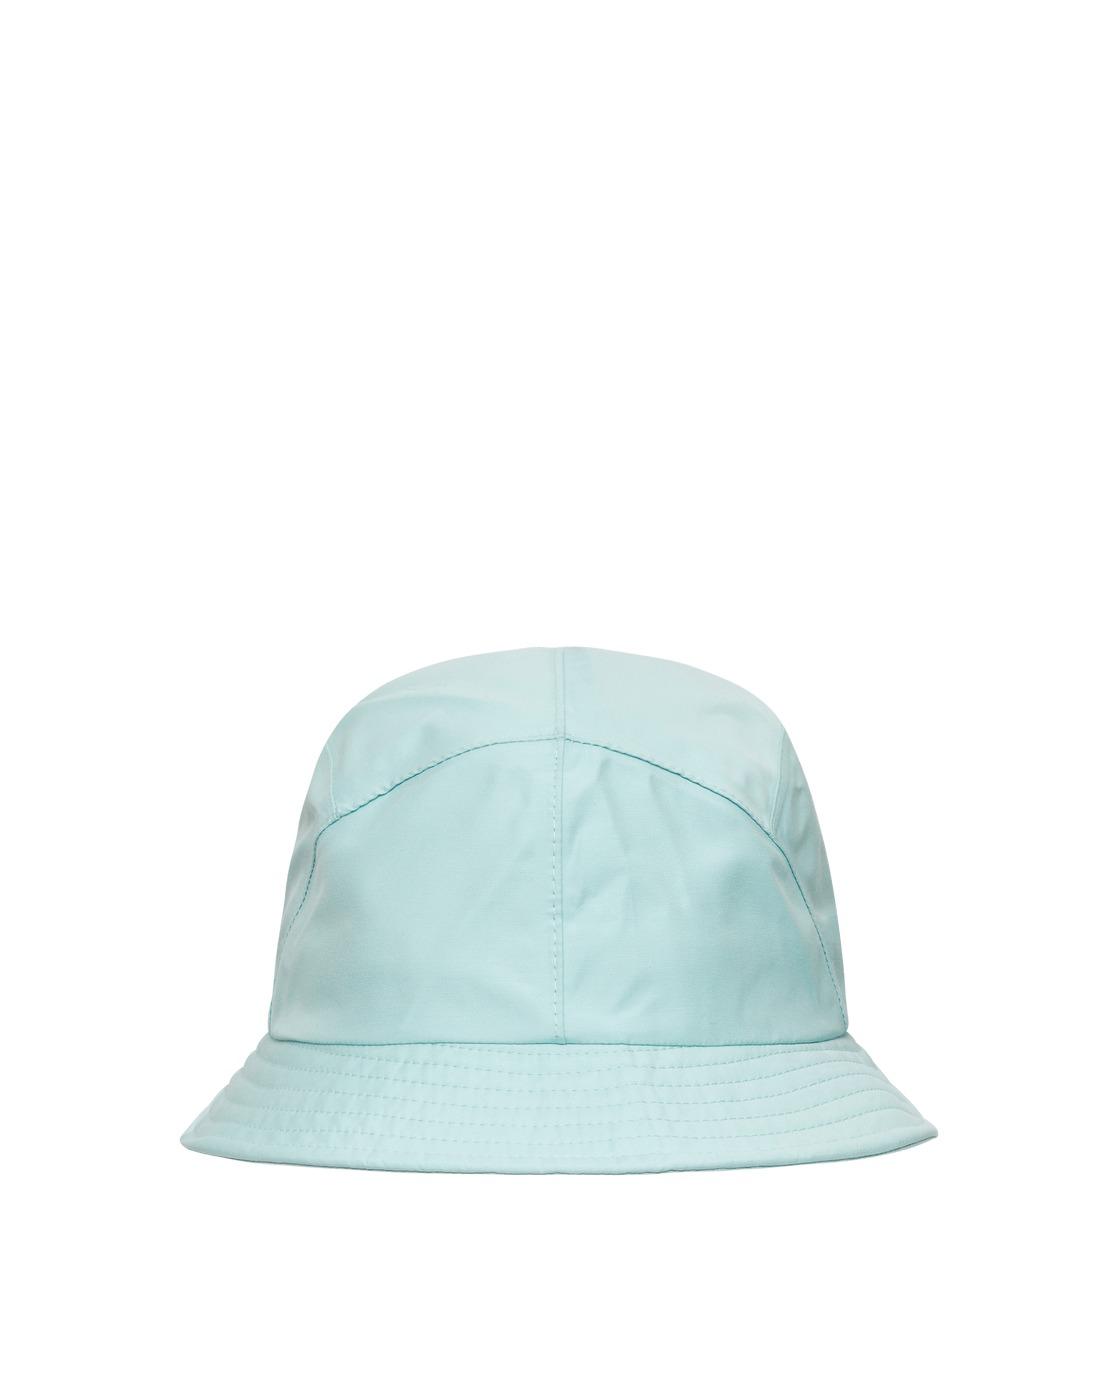 Stone Island Marina Bucket Hat Aqua